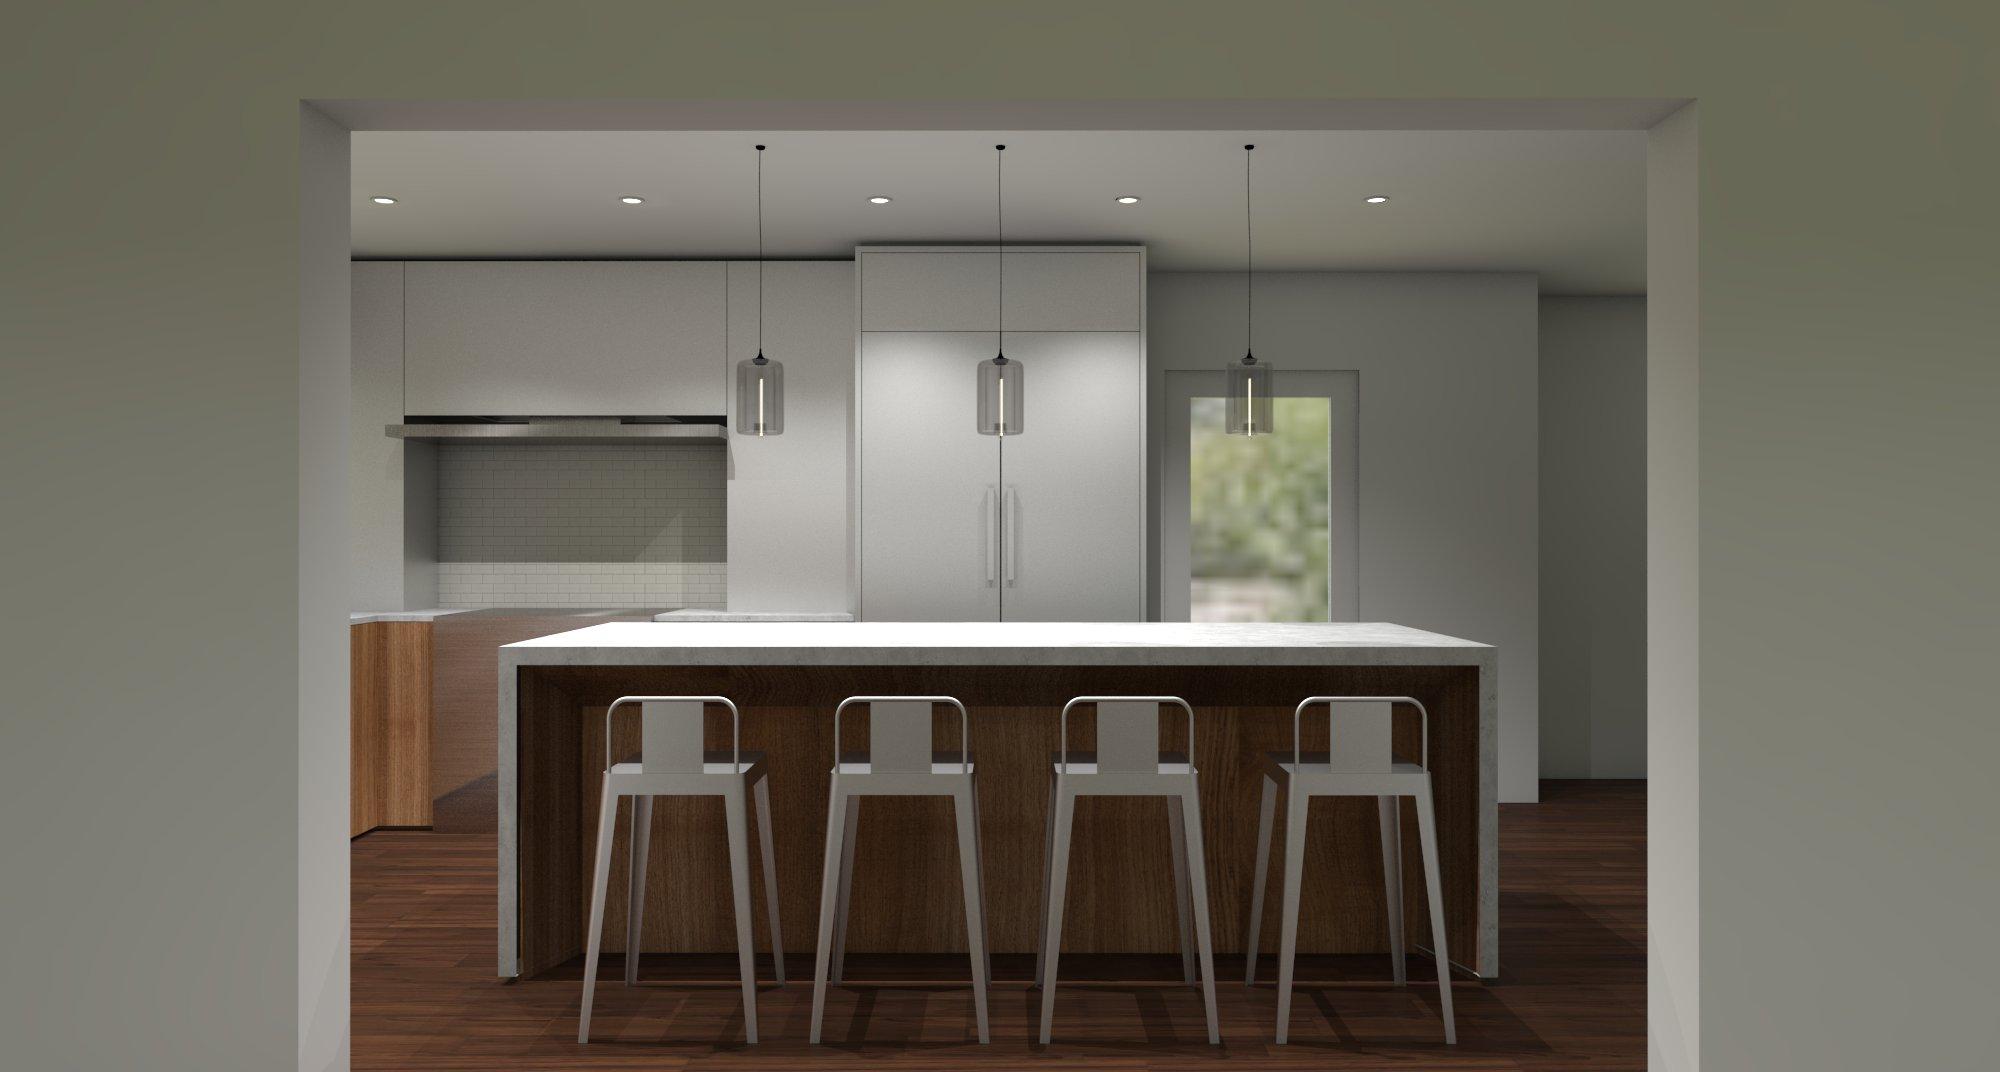 180621_kitchen-view2_opt5